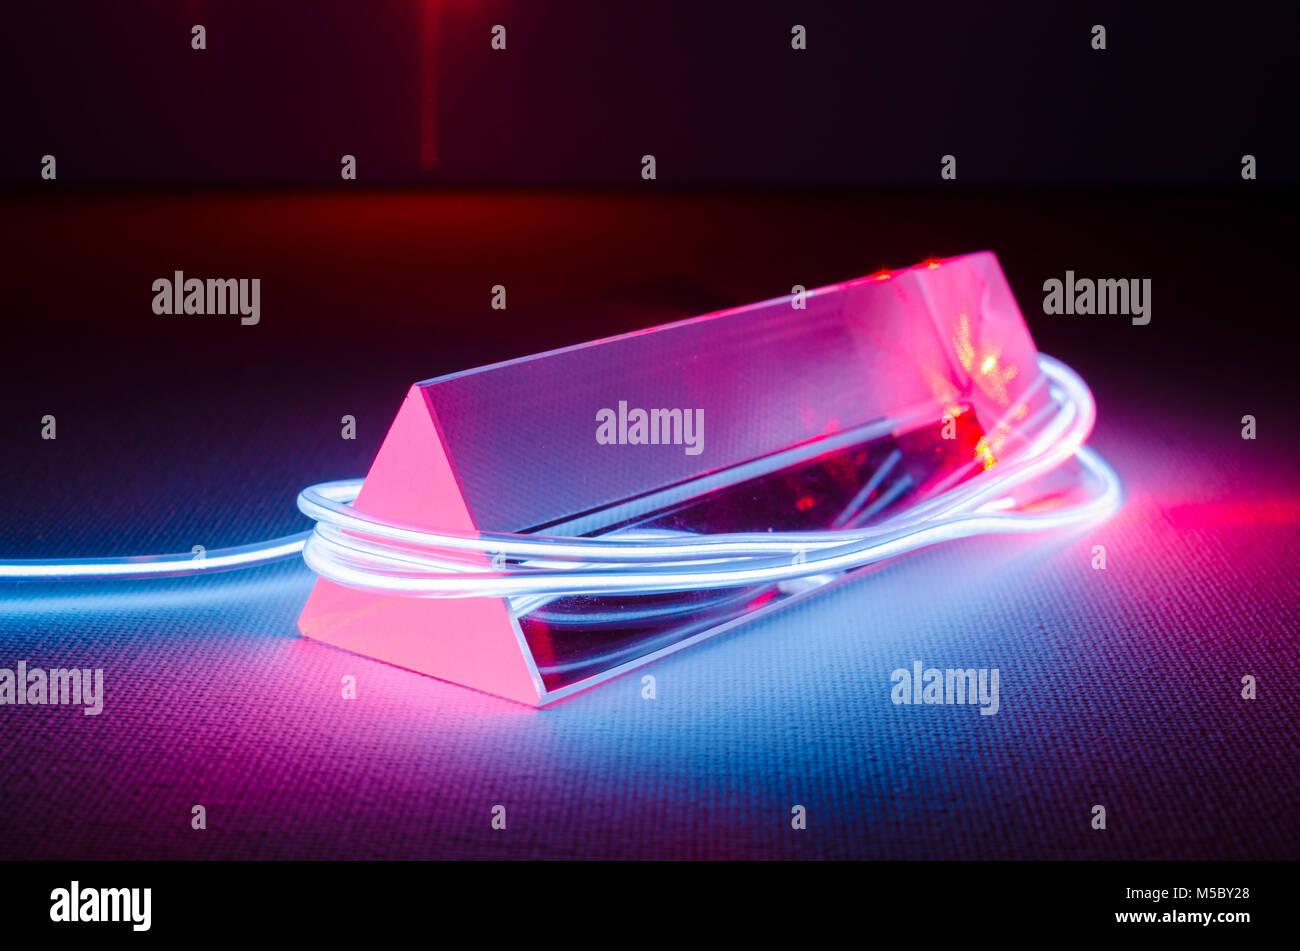 Un studio still life fotografia di un vetro triangolare prisma con